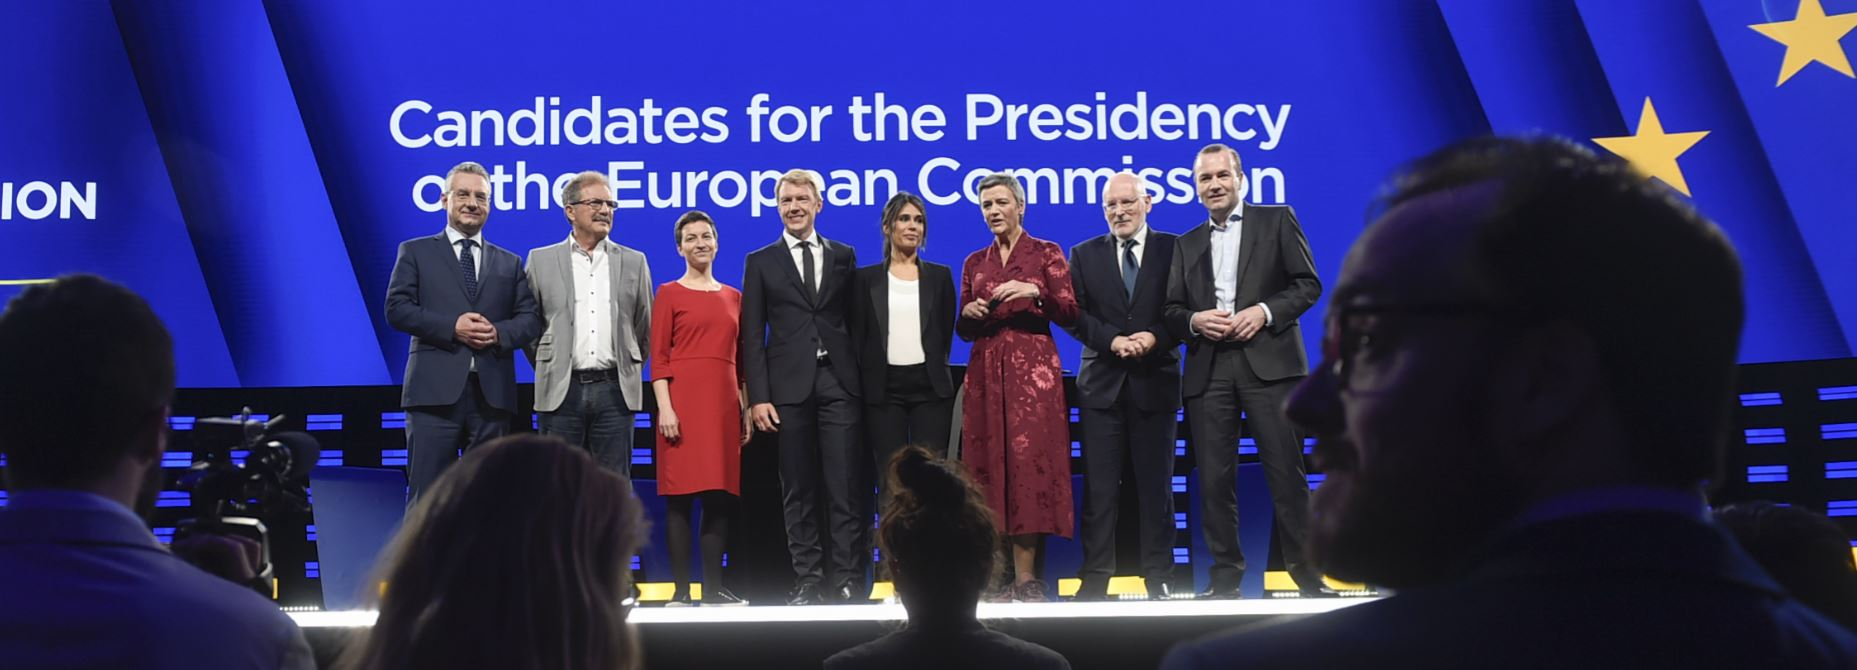 ЕК, дебат, кандидати, президент